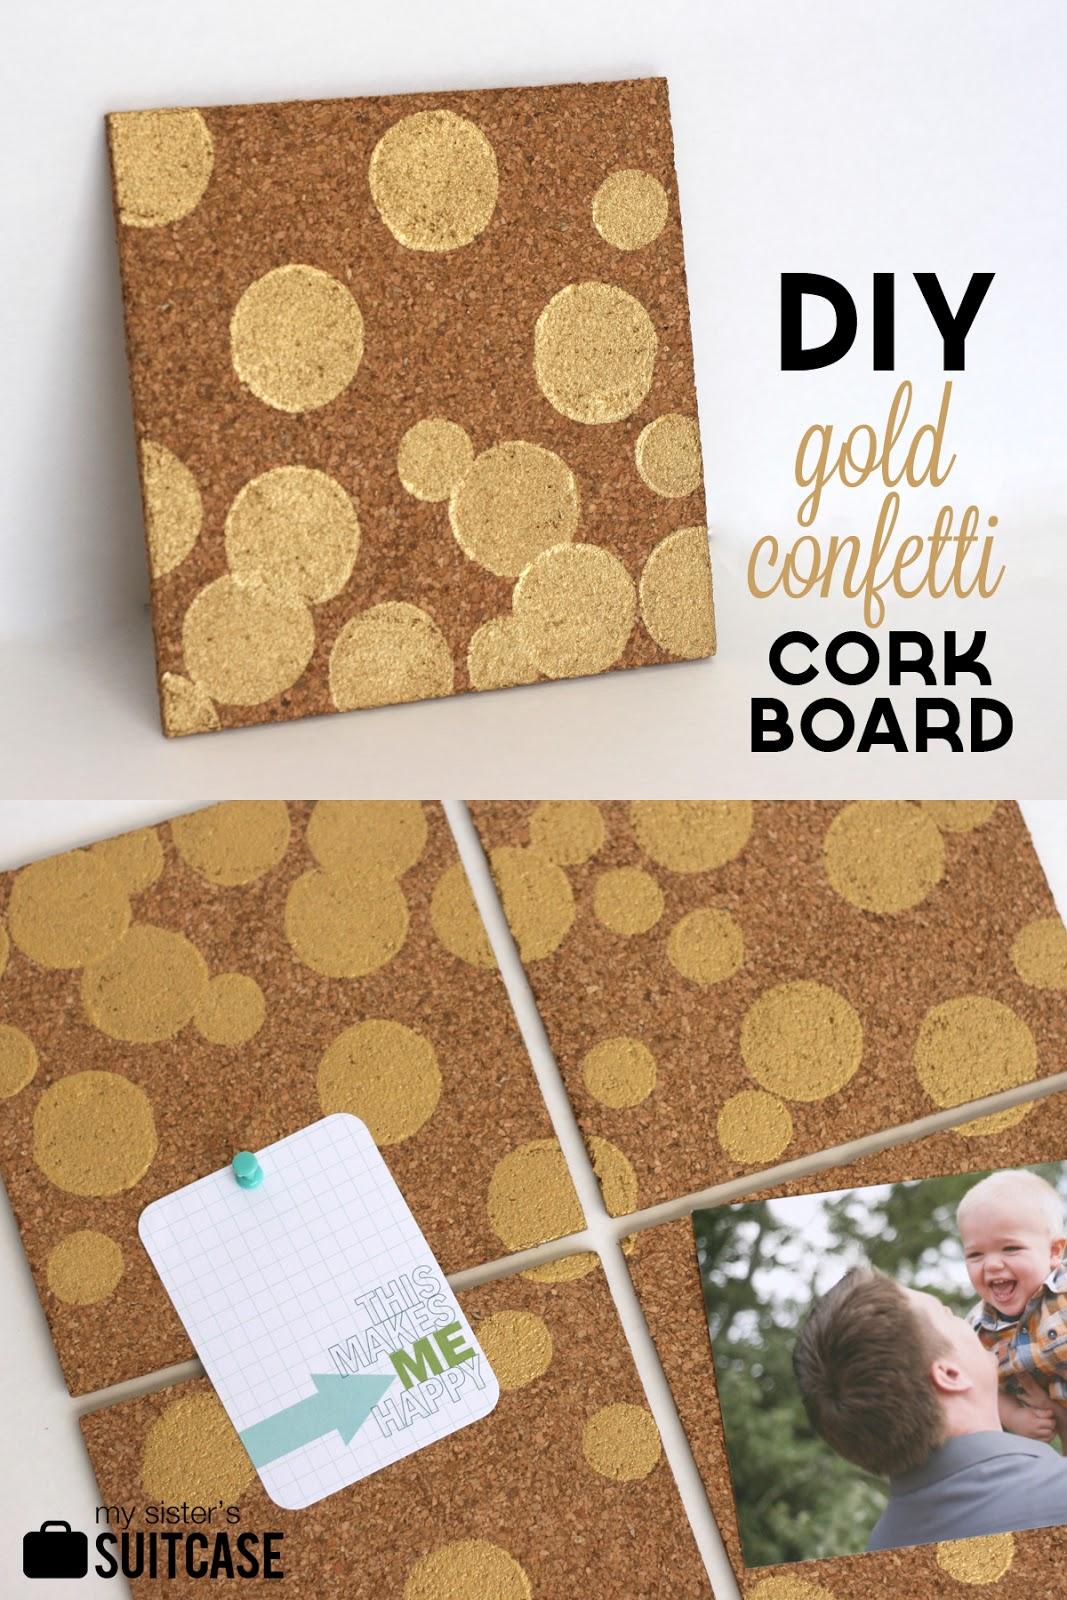 DIY Gold Confetti Cork Board - My Sister's Suitcase ...